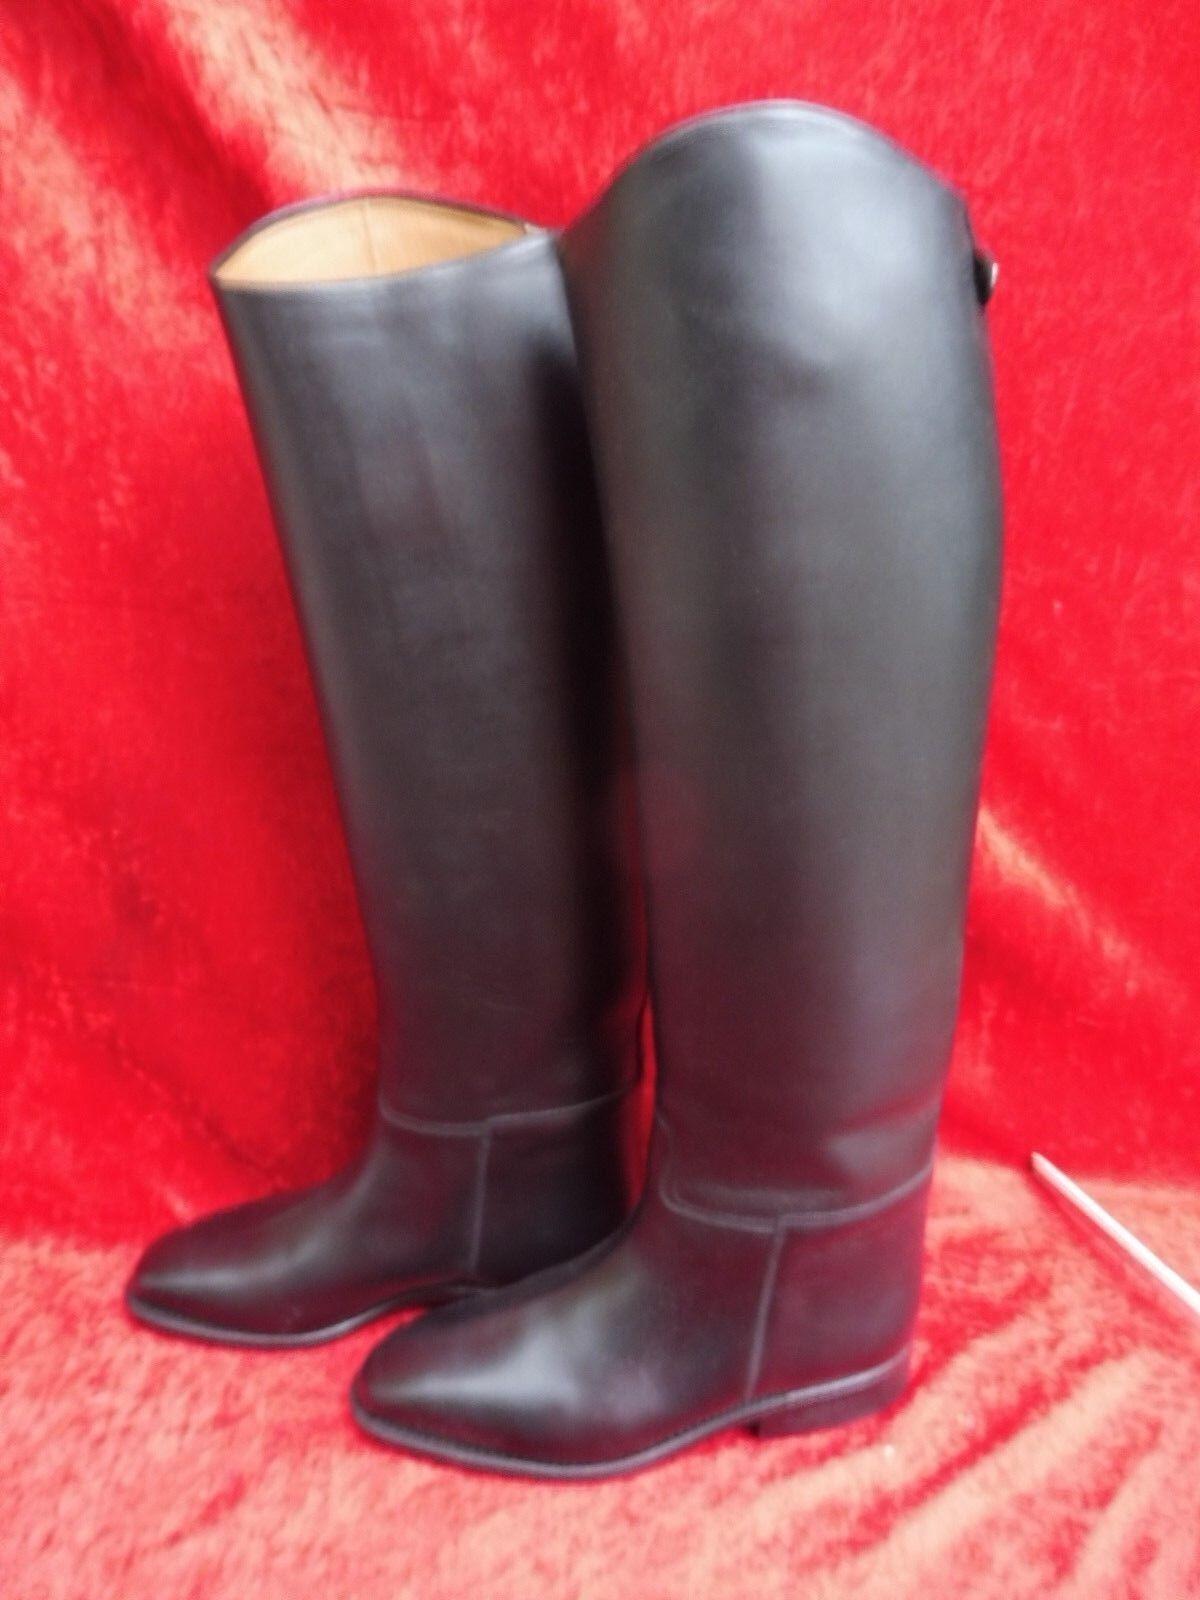 Cavallo botas de Montar ___ Talla 6 6 6 __ Cuero __ Negro __ Nuevo __  seguro de calidad